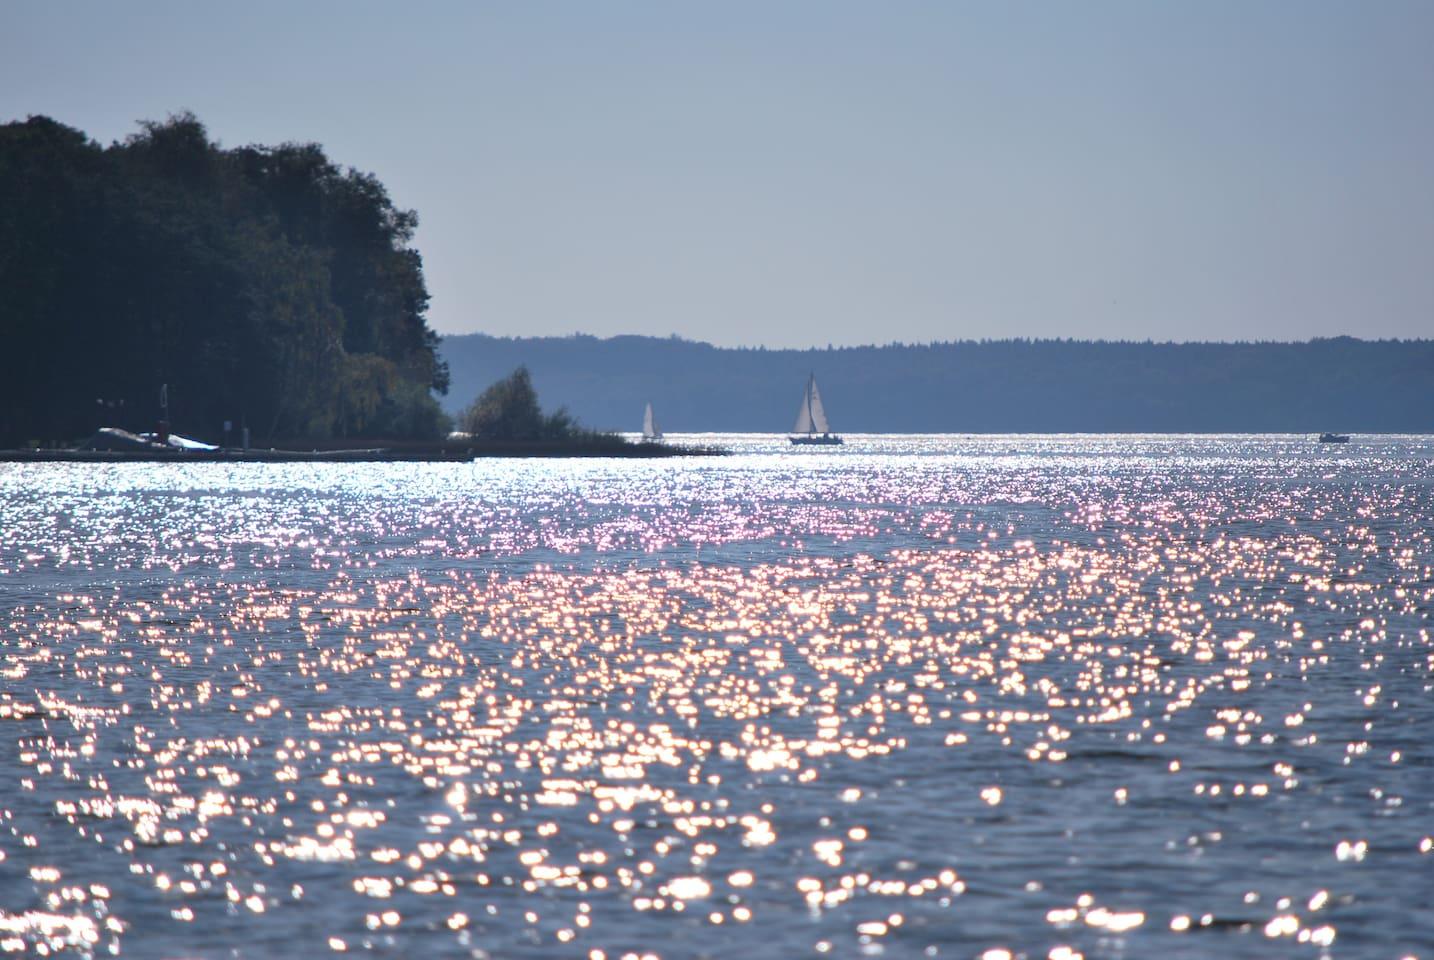 Mit dem Boot auf dem Plauer See.